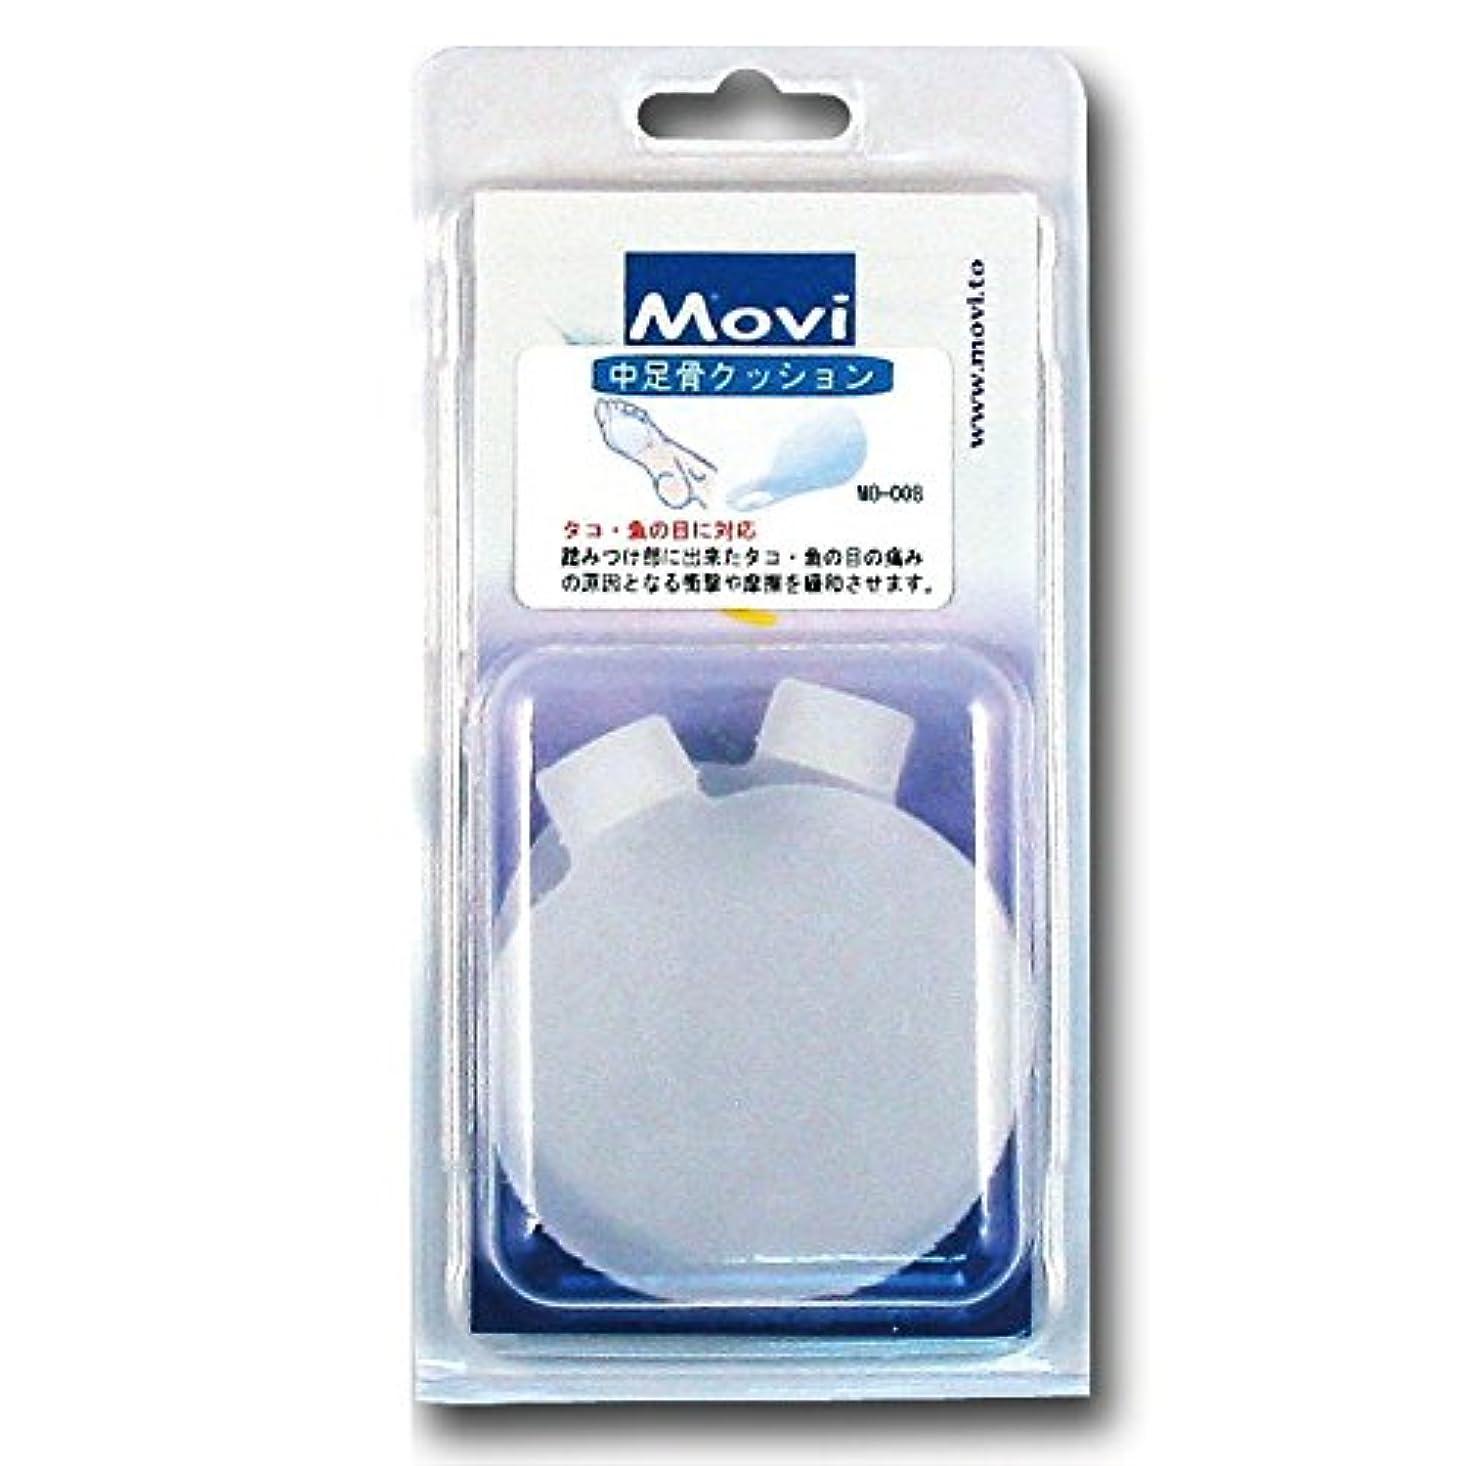 失効定期的より多いMOVI 中足骨クッションMO-008